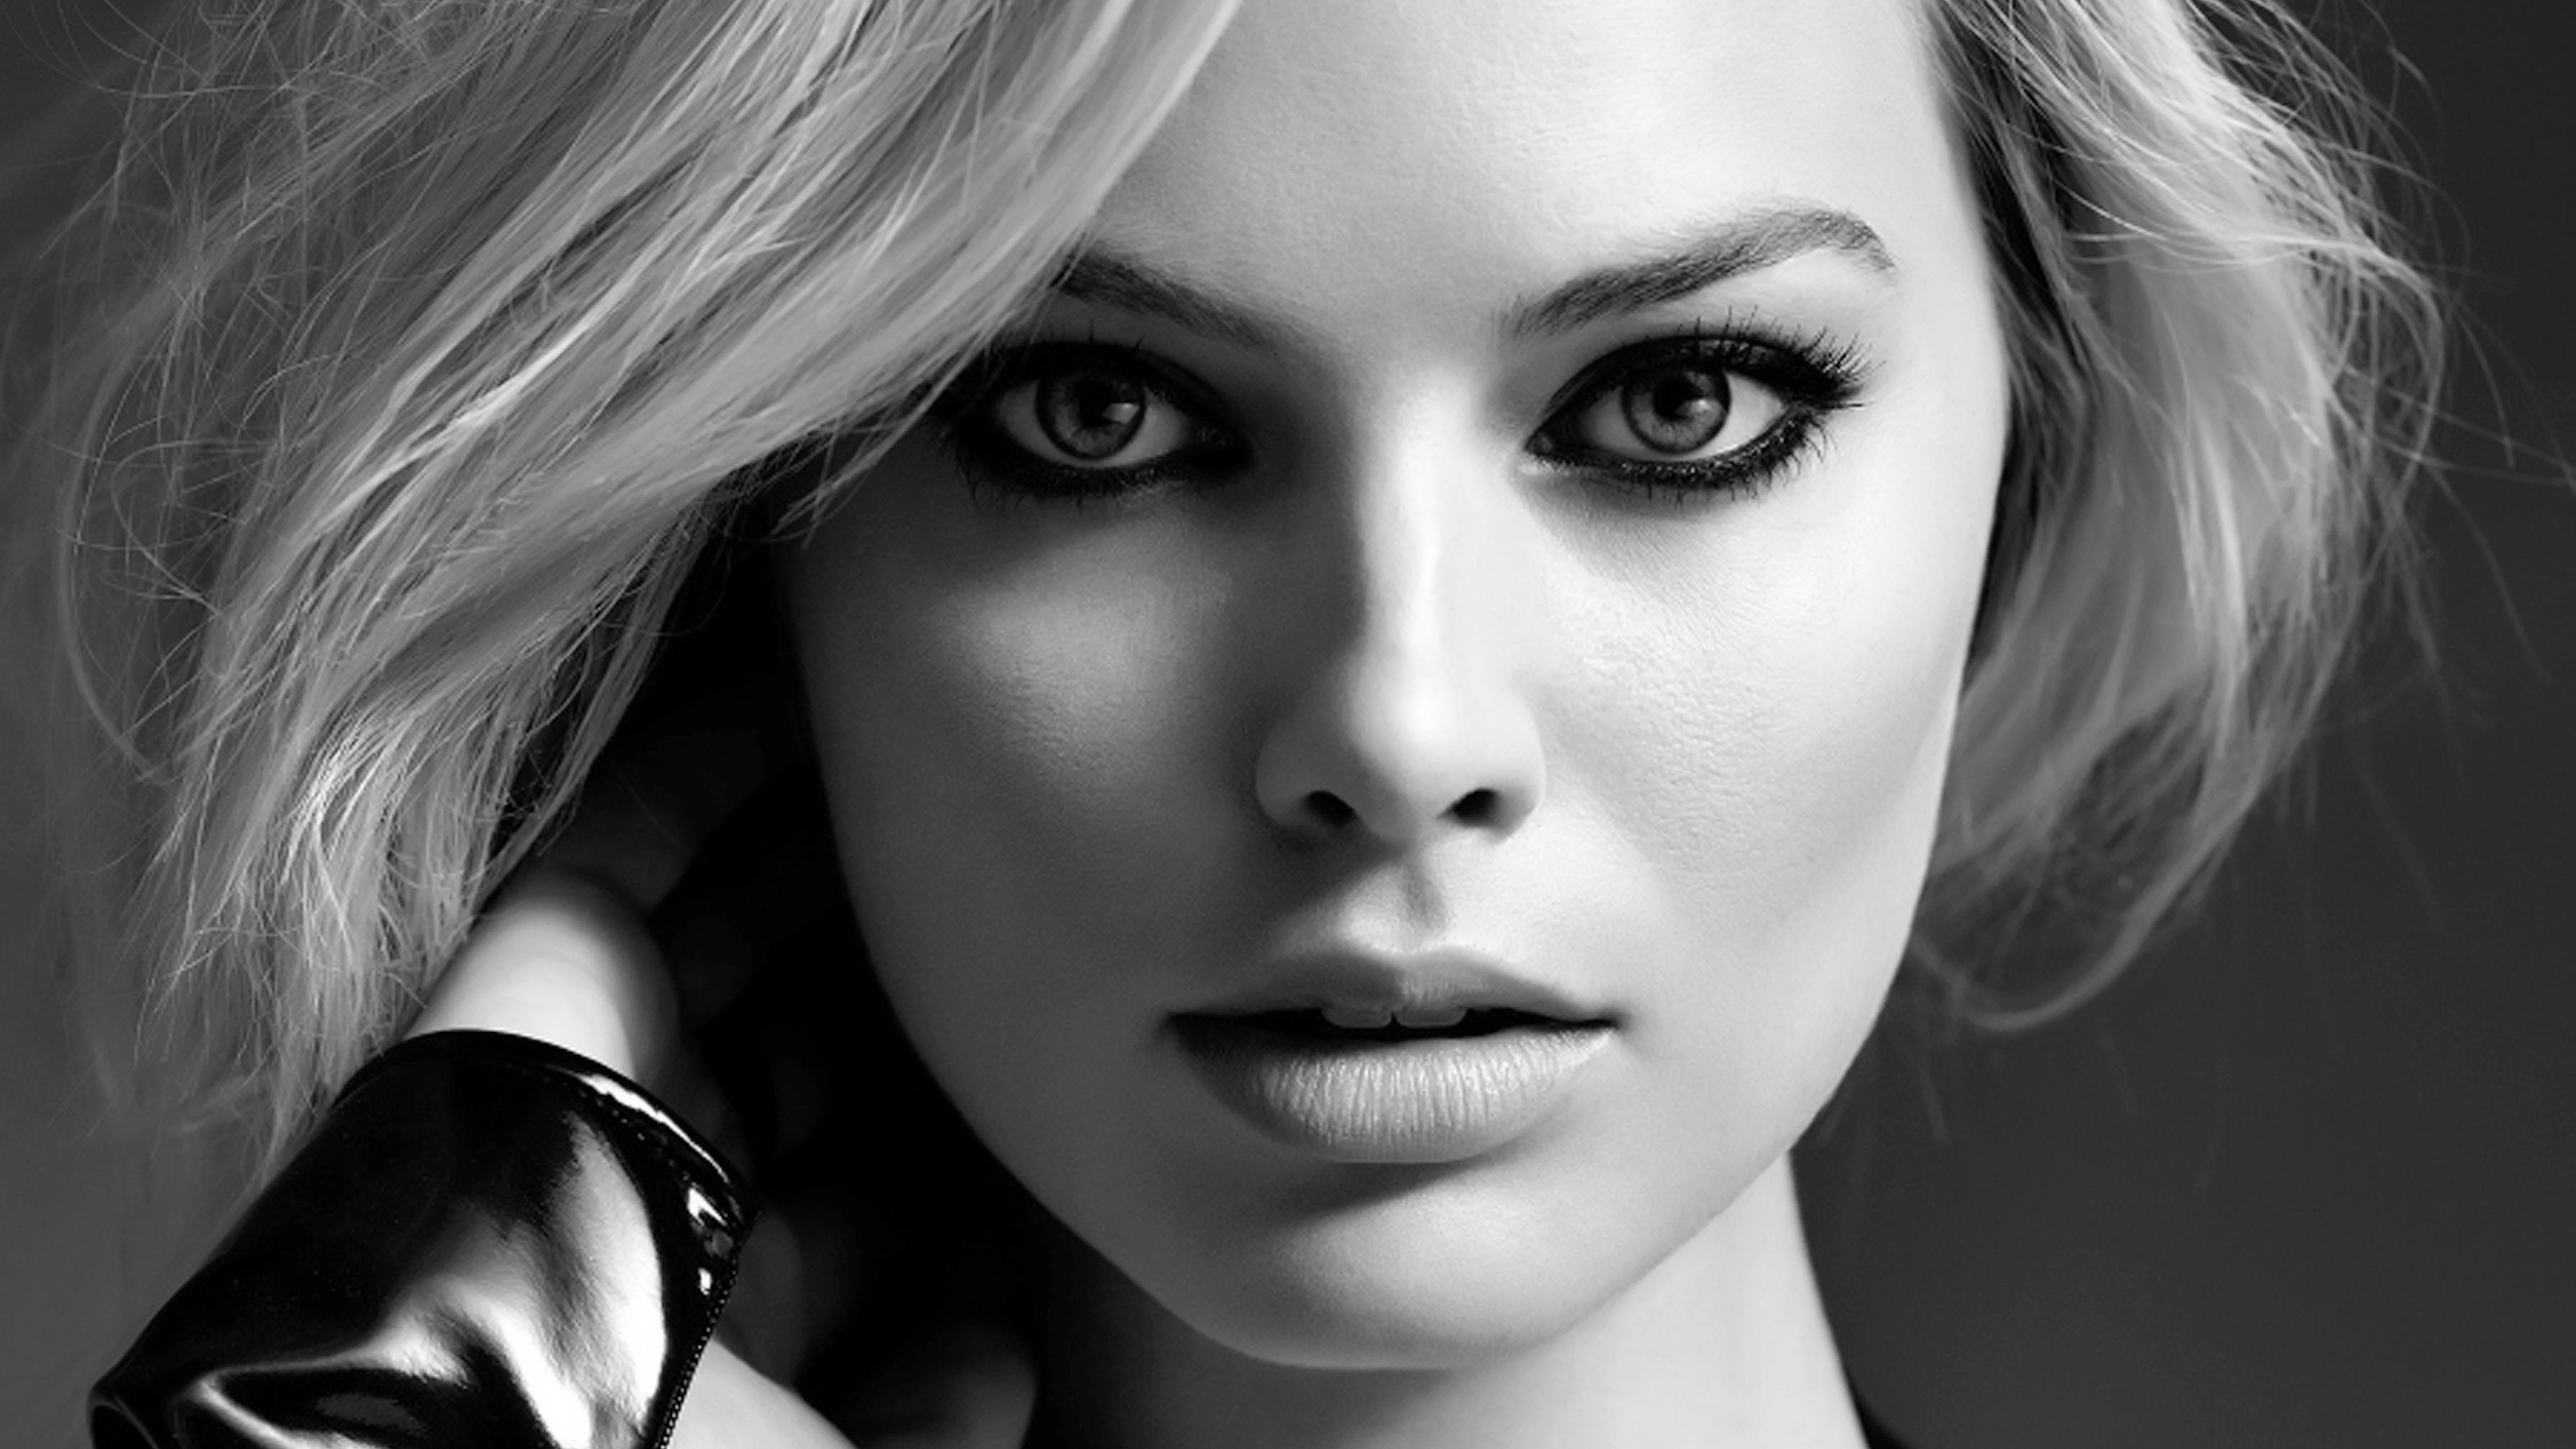 Margot Robbie 4k 2019, HD Celebrities, 4k Wallpapers